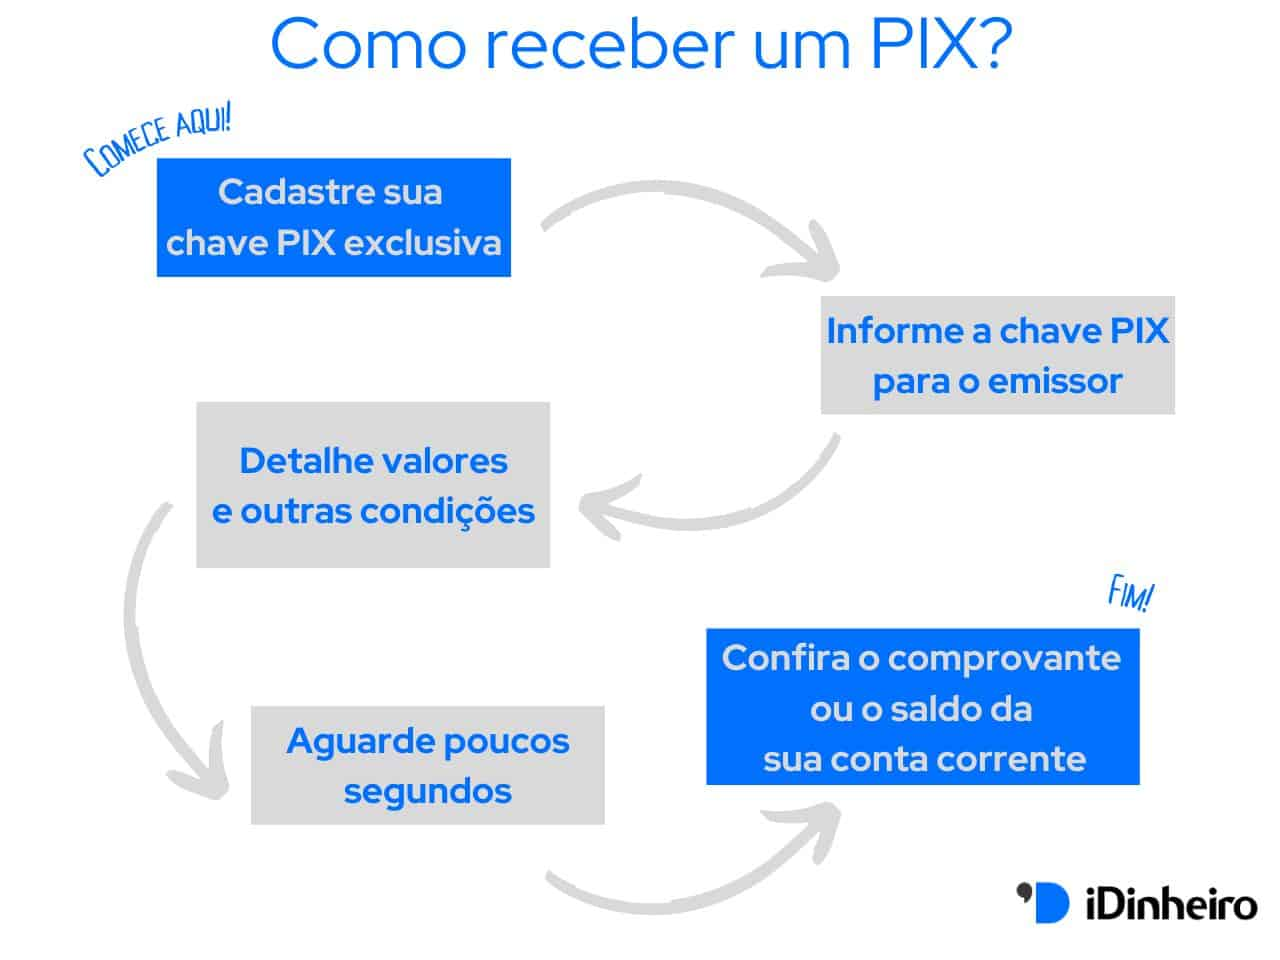 Como receber um PIX